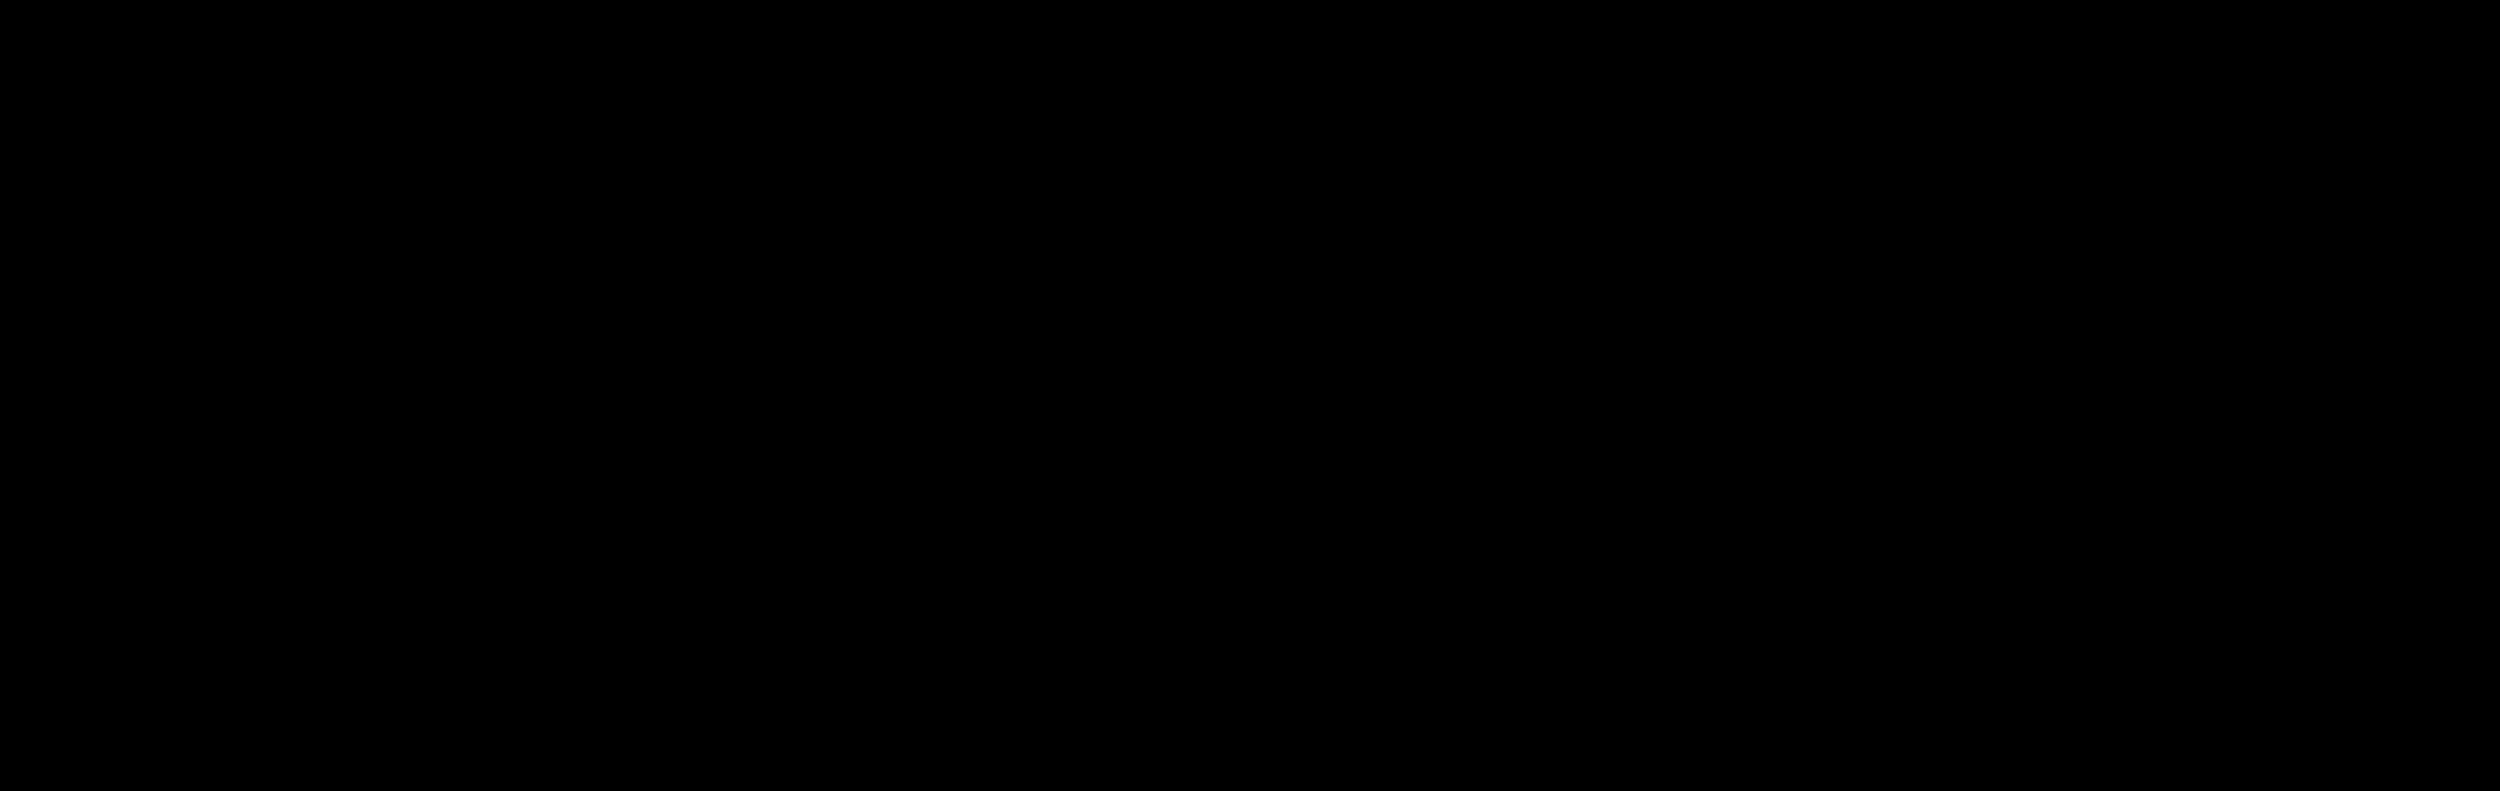 SfDobbelLogoSvart.png